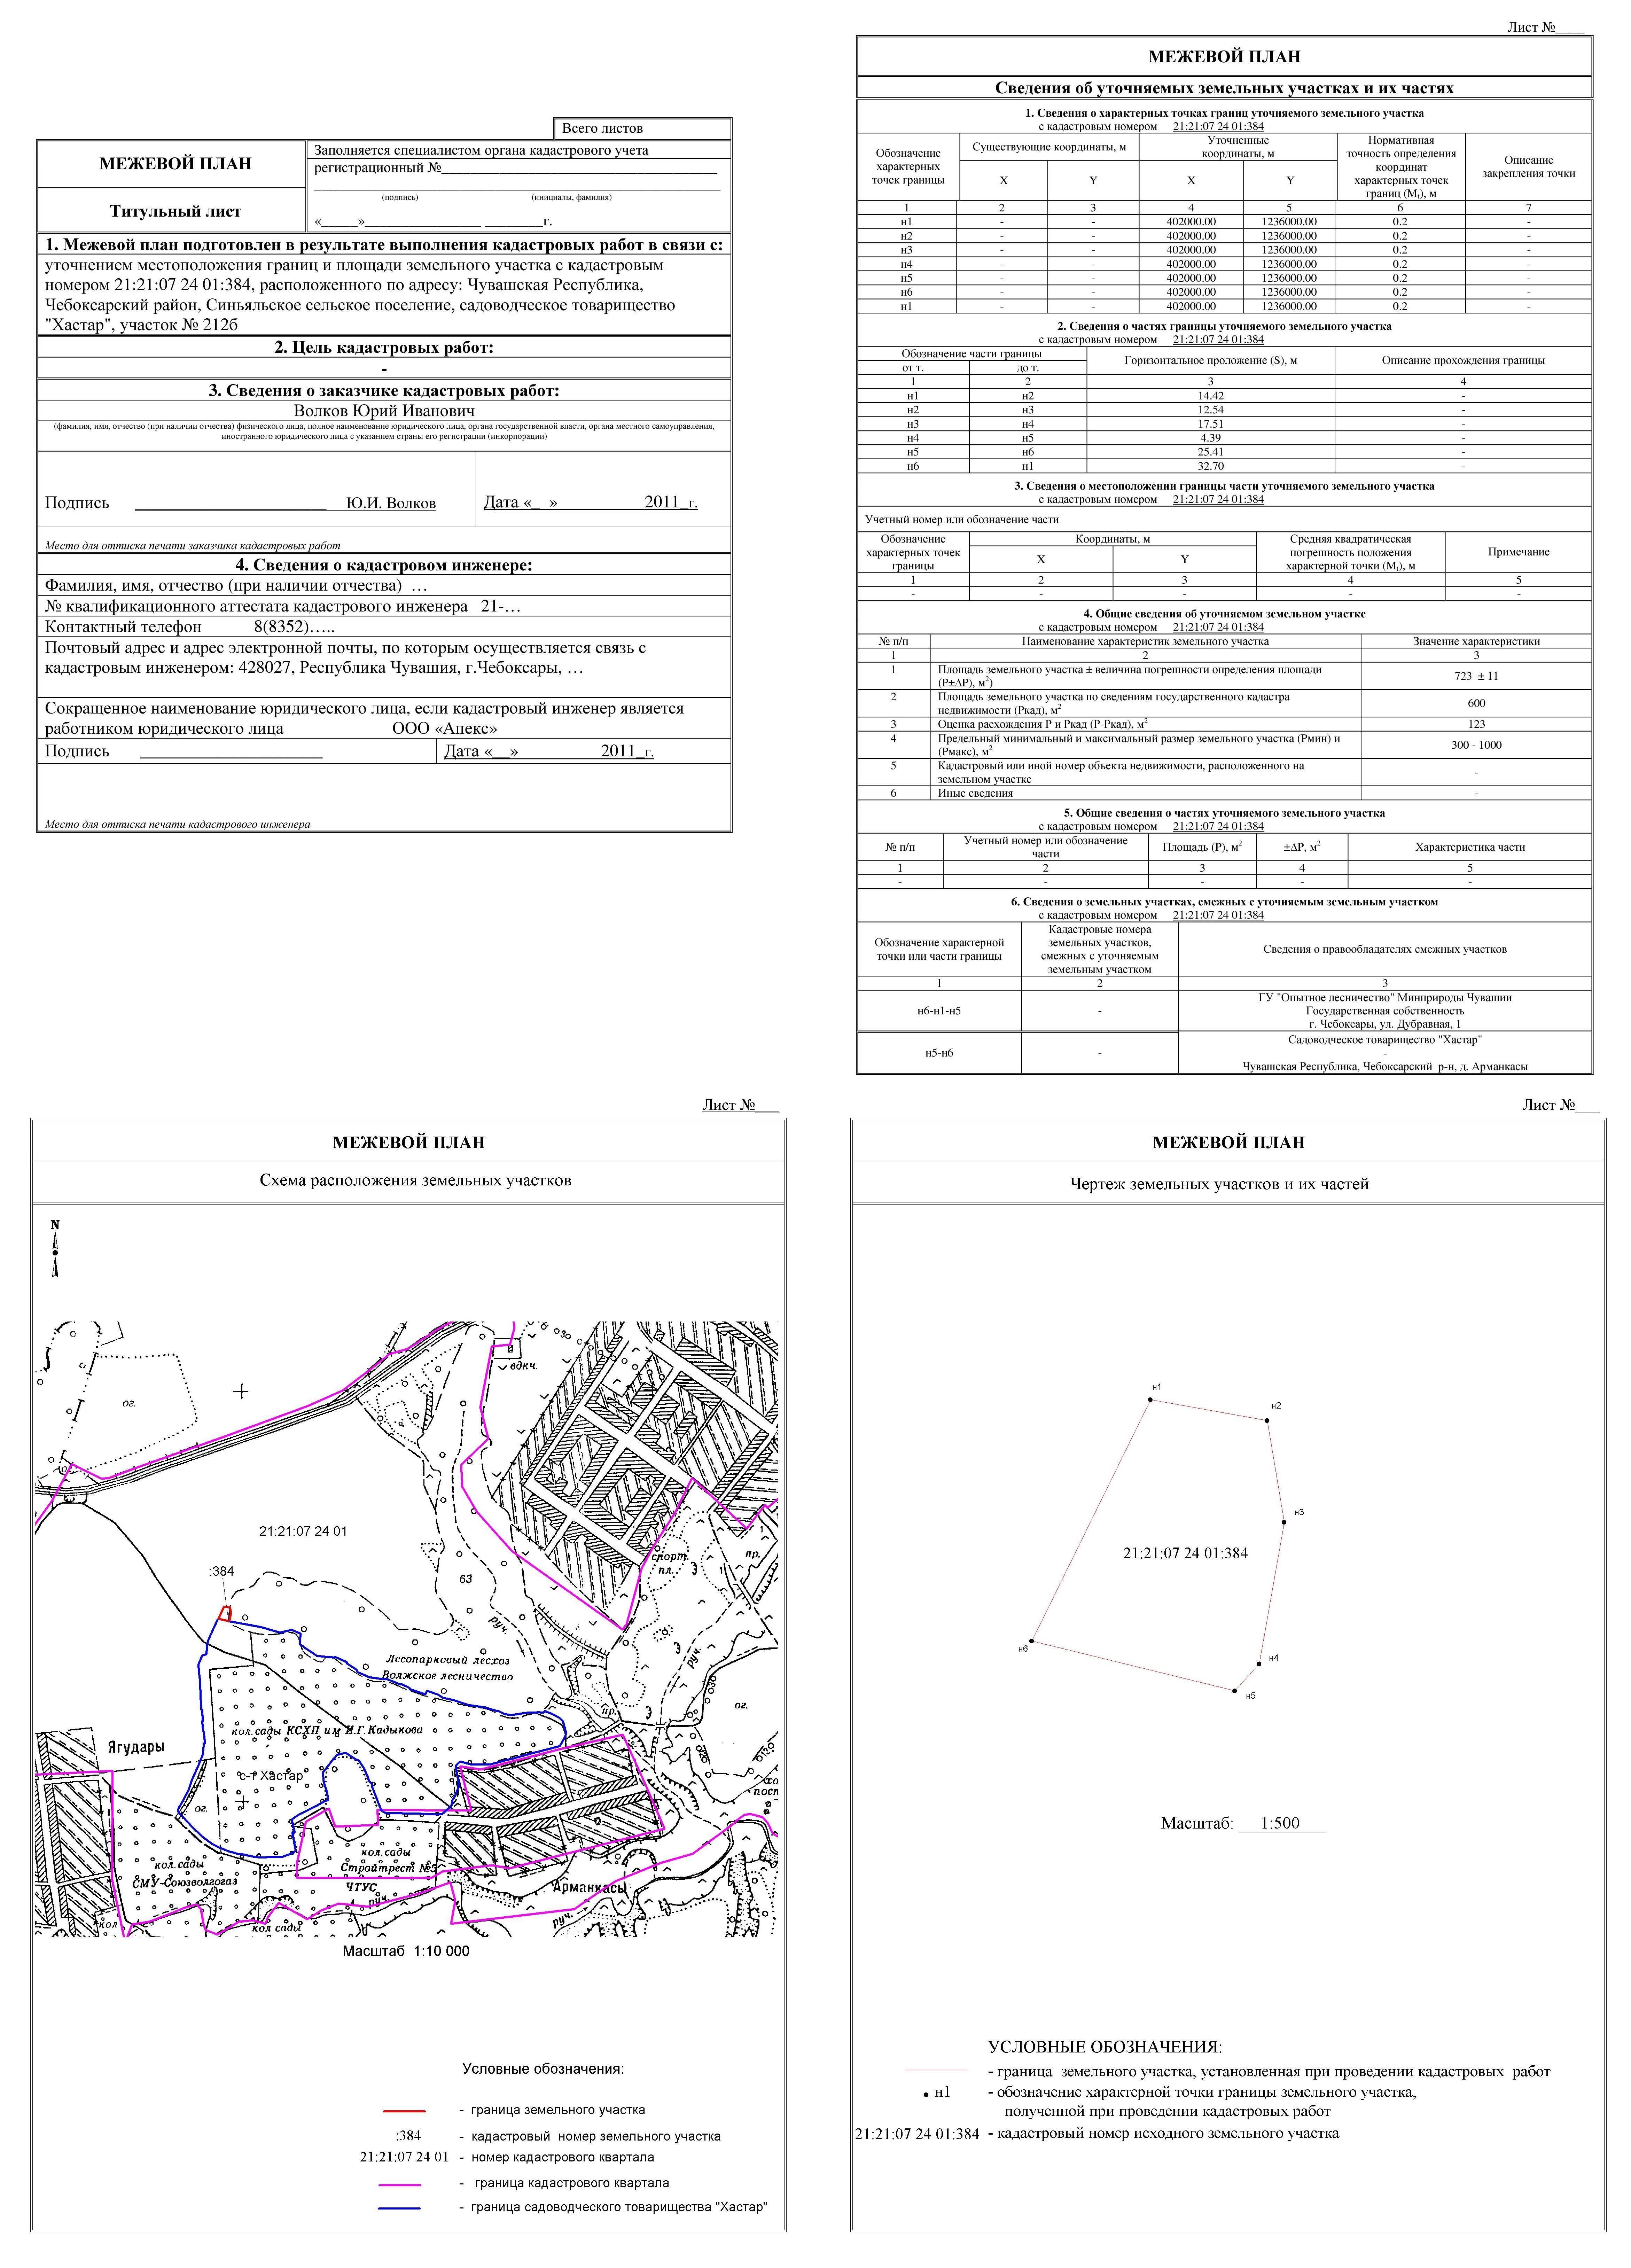 Как получить данные о межевании земельного участка: онлайн, по документам, с помощью публичной кадастровой карты